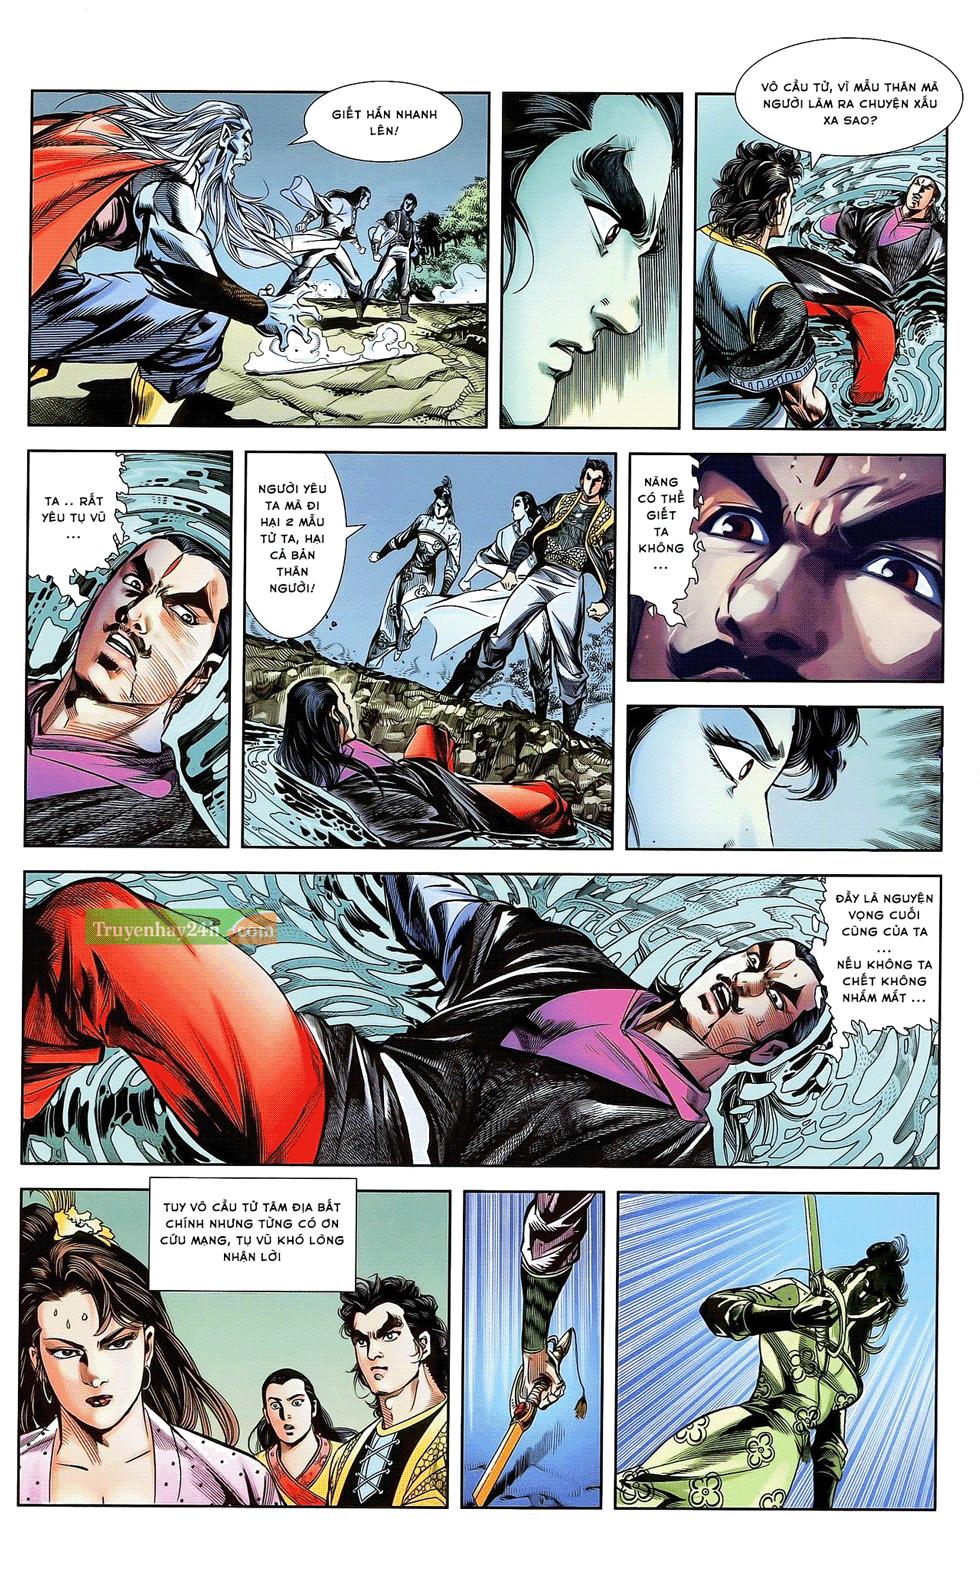 Tần Vương Doanh Chính chapter 21 trang 18